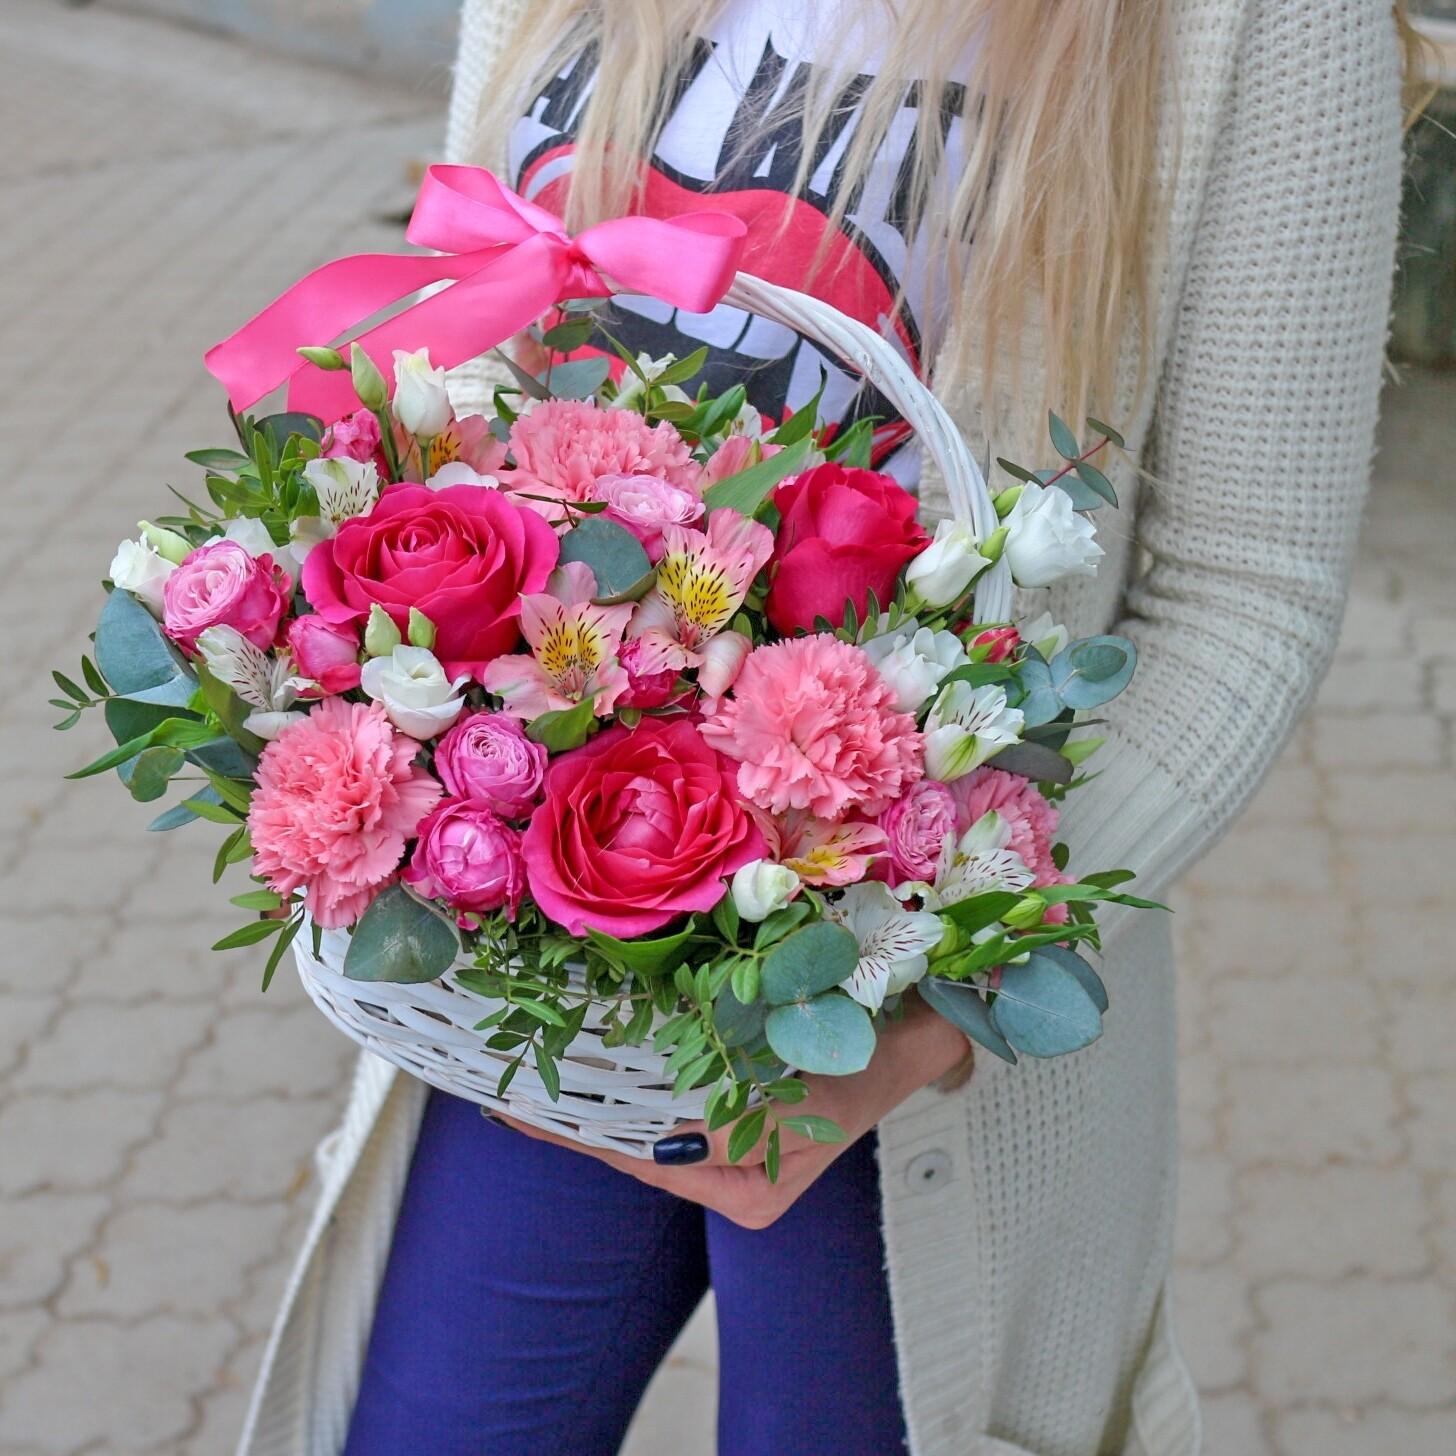 Яркая корзина с цветами Pink